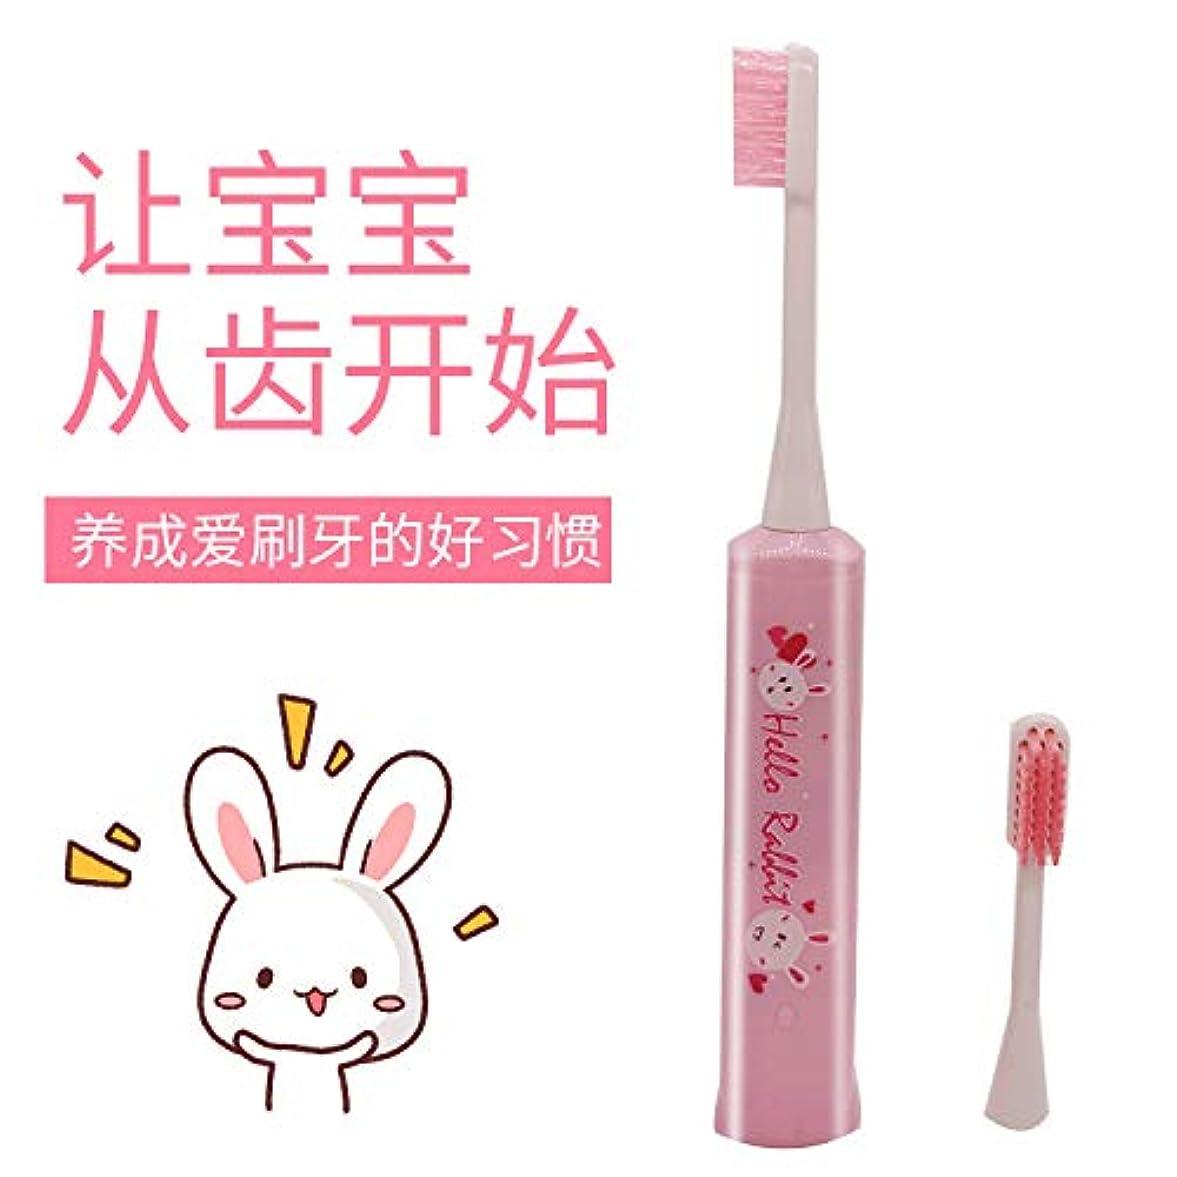 ポスター見ました資金大人の子供電動歯ブラシ ソニック歯ブラシ 洗濯ギフトブラシ ヘッド 電動歯ブラシ カスタム ピンク